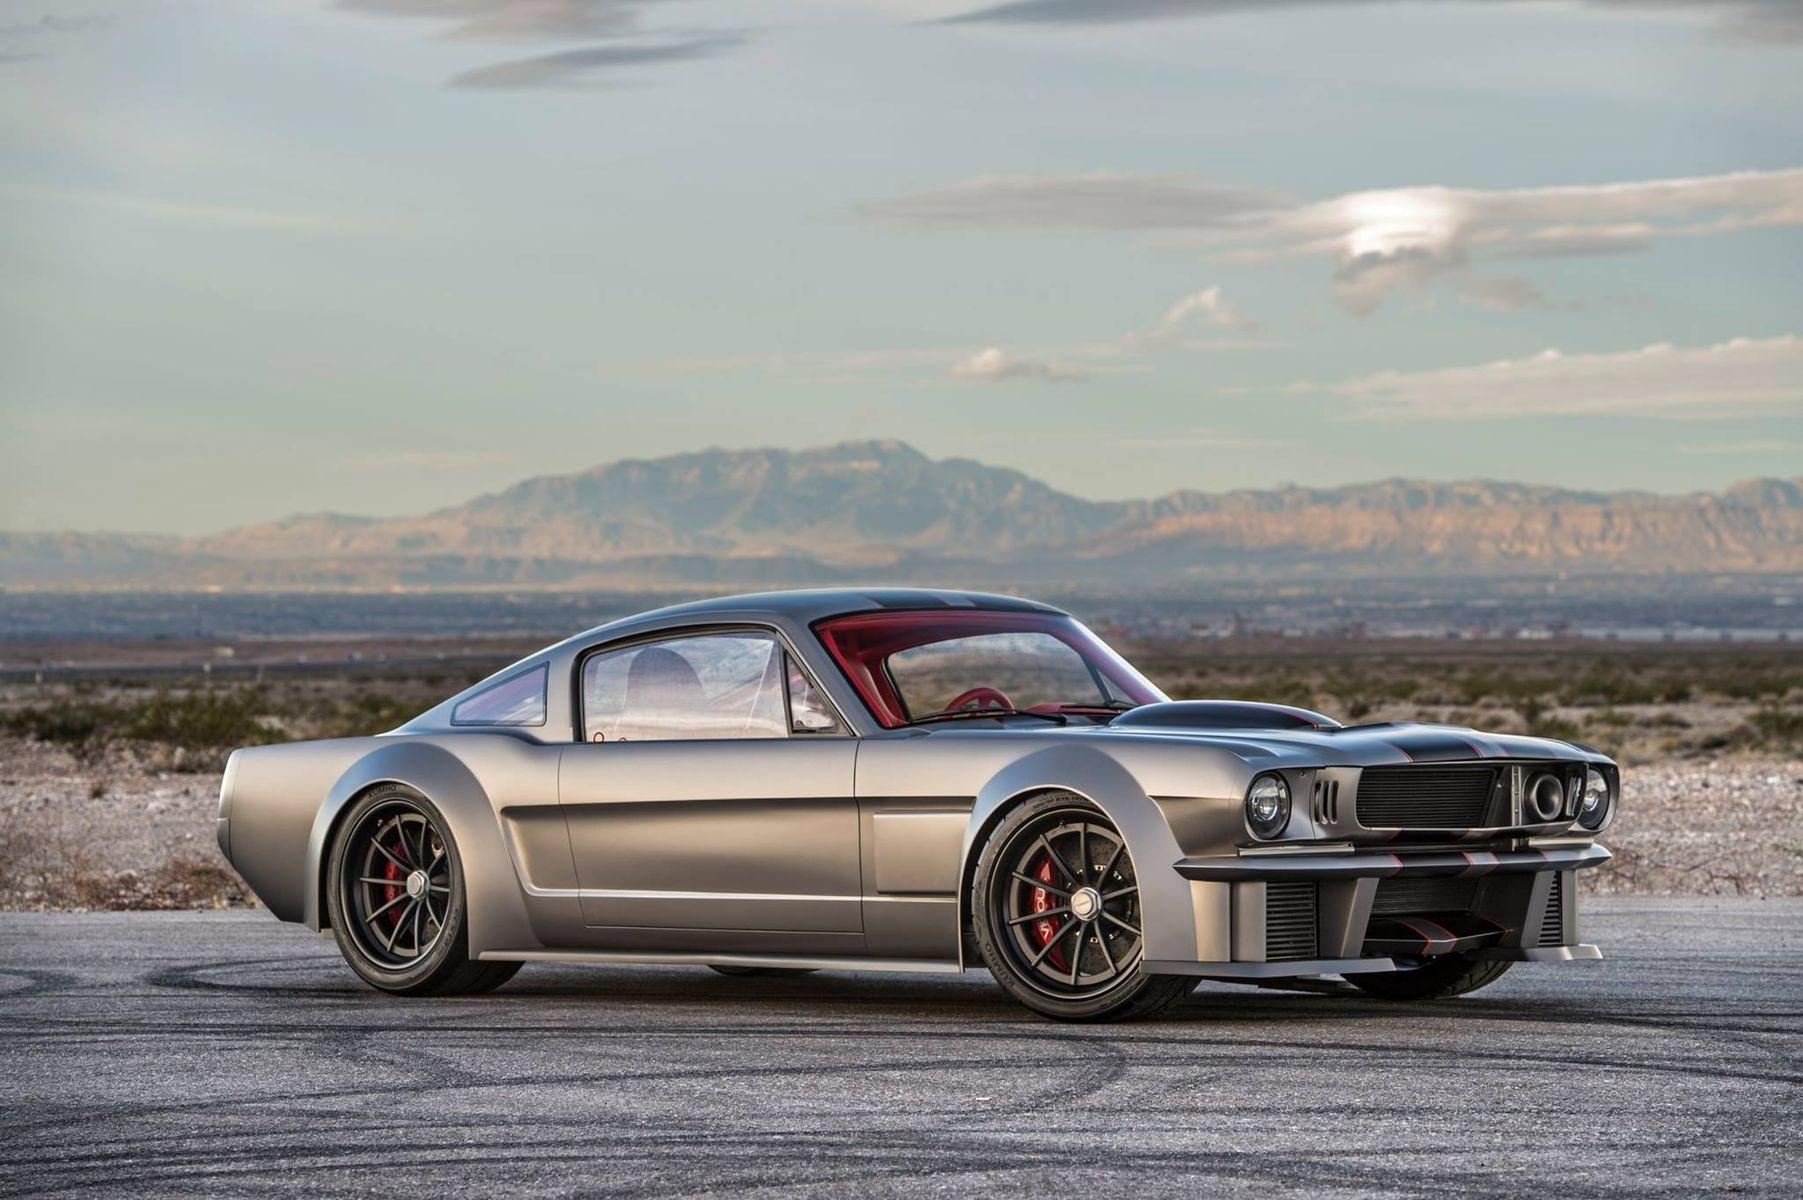 1965 Ford Mustang | Timeless Kustoms' Insane